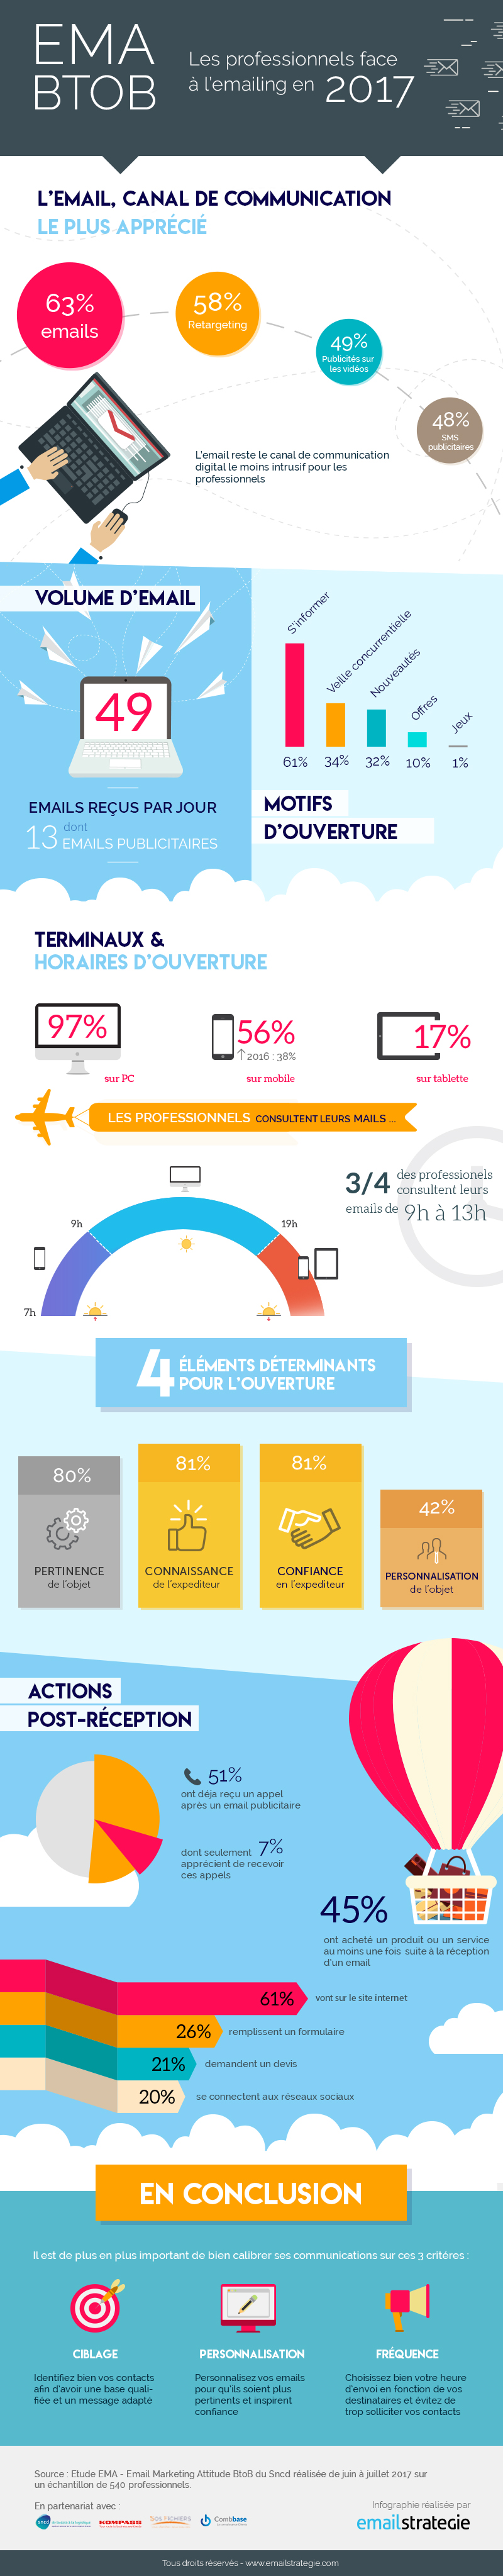 Infographie de l'étude EMA B2B 2017